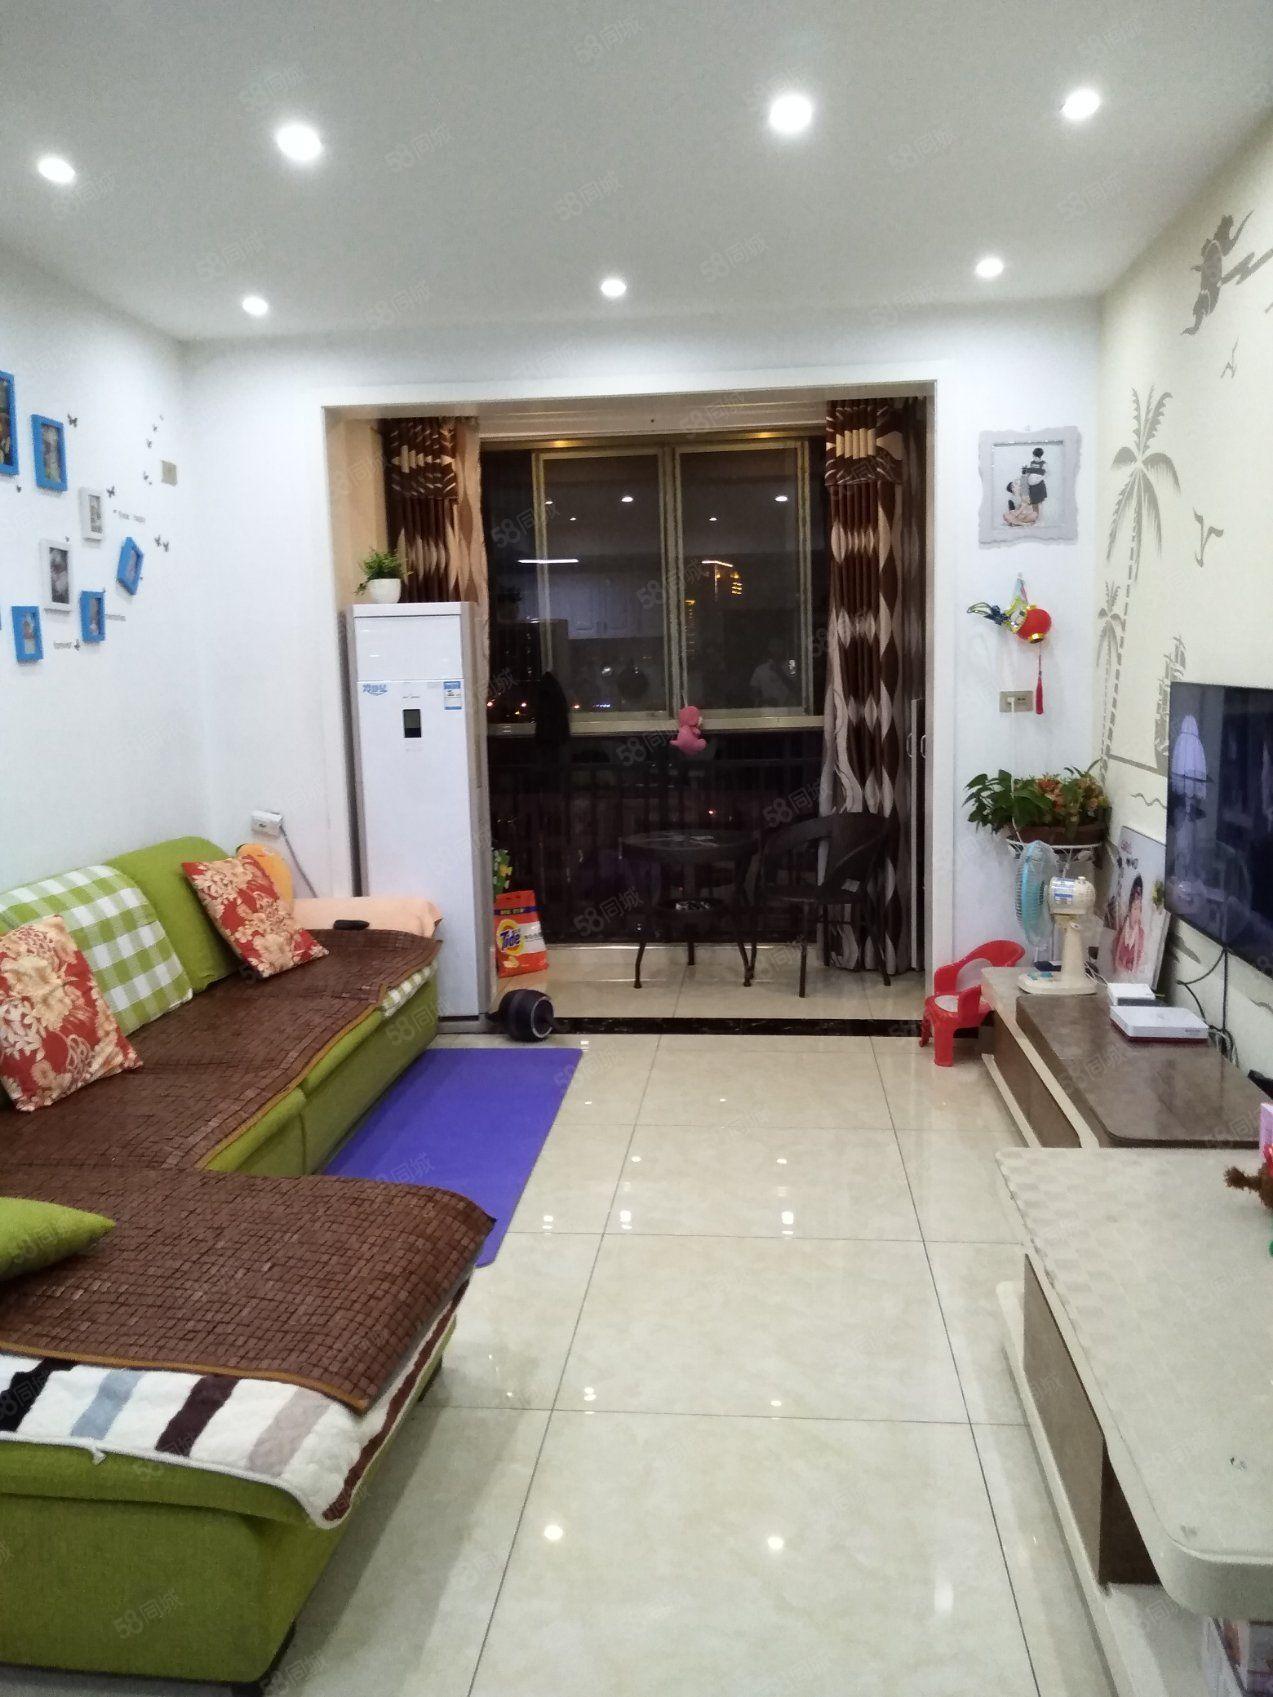 河西苑温馨小居室,周边生活设施齐全,可按揭带款